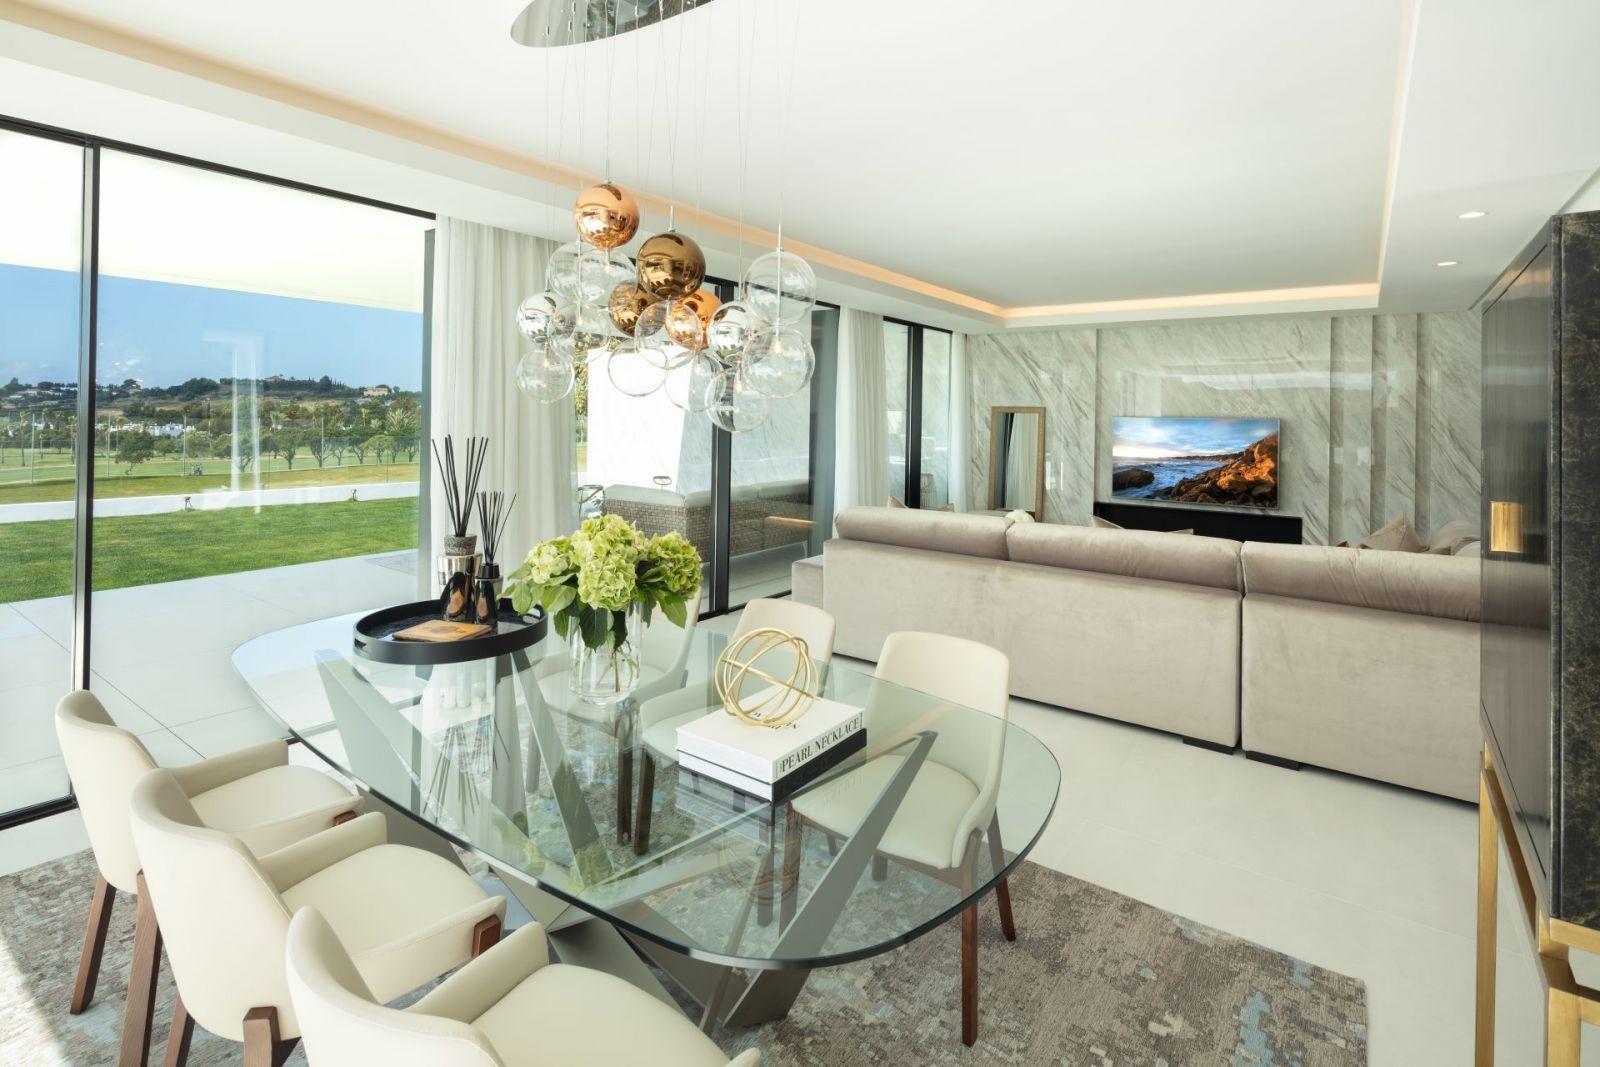 Casa Ana Luxury Villa For Sale In Nueva Andalucia